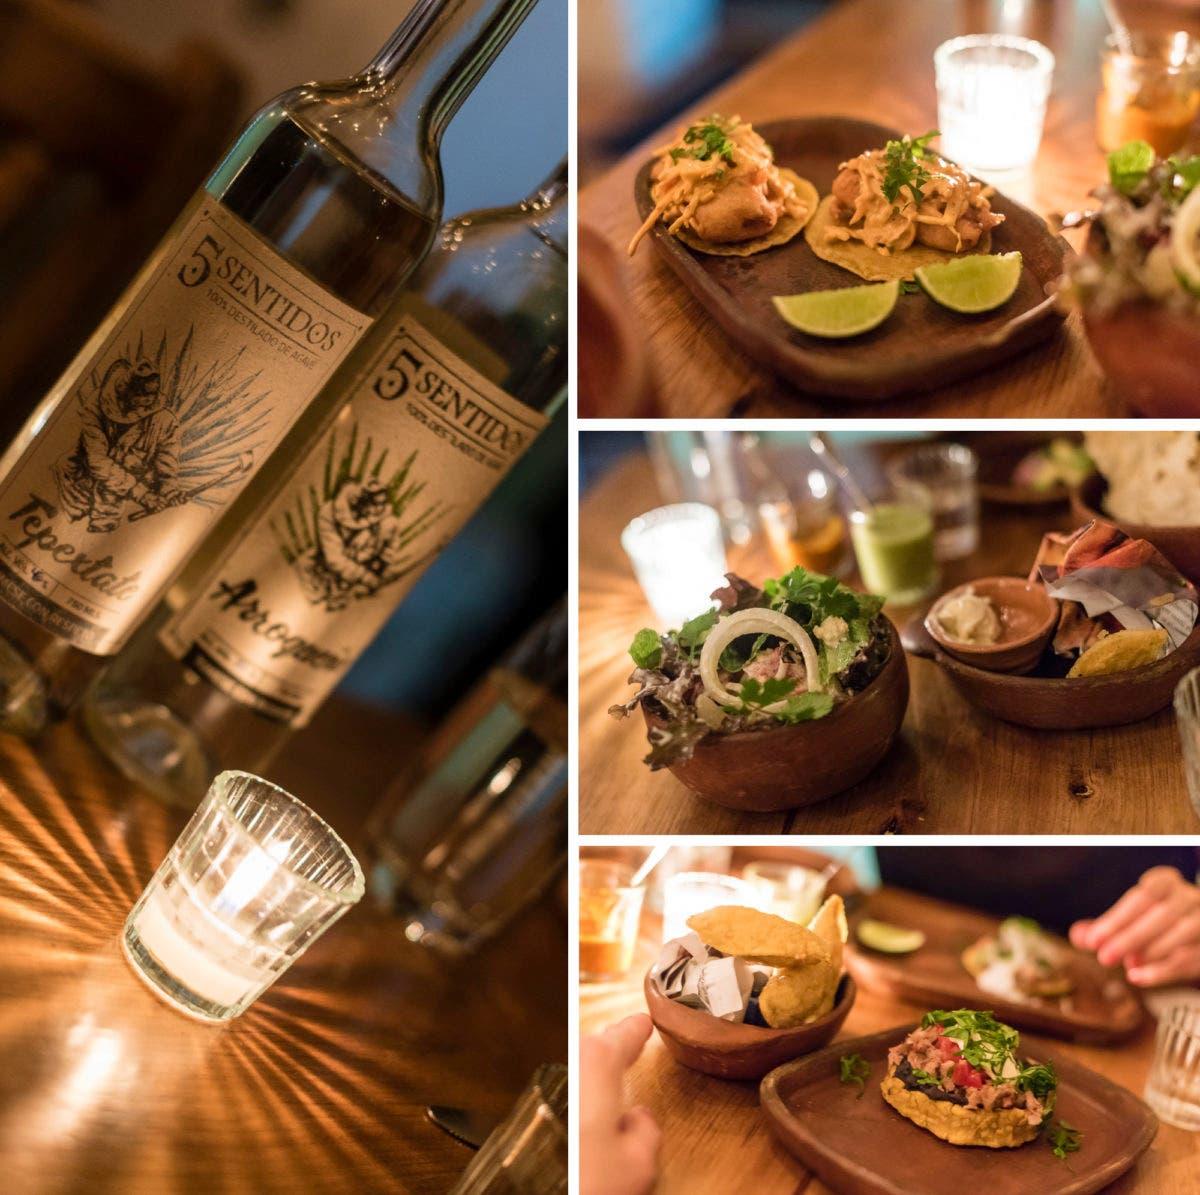 Collage von verschiedenen mexikanischen essen und Mescal in Flaschen